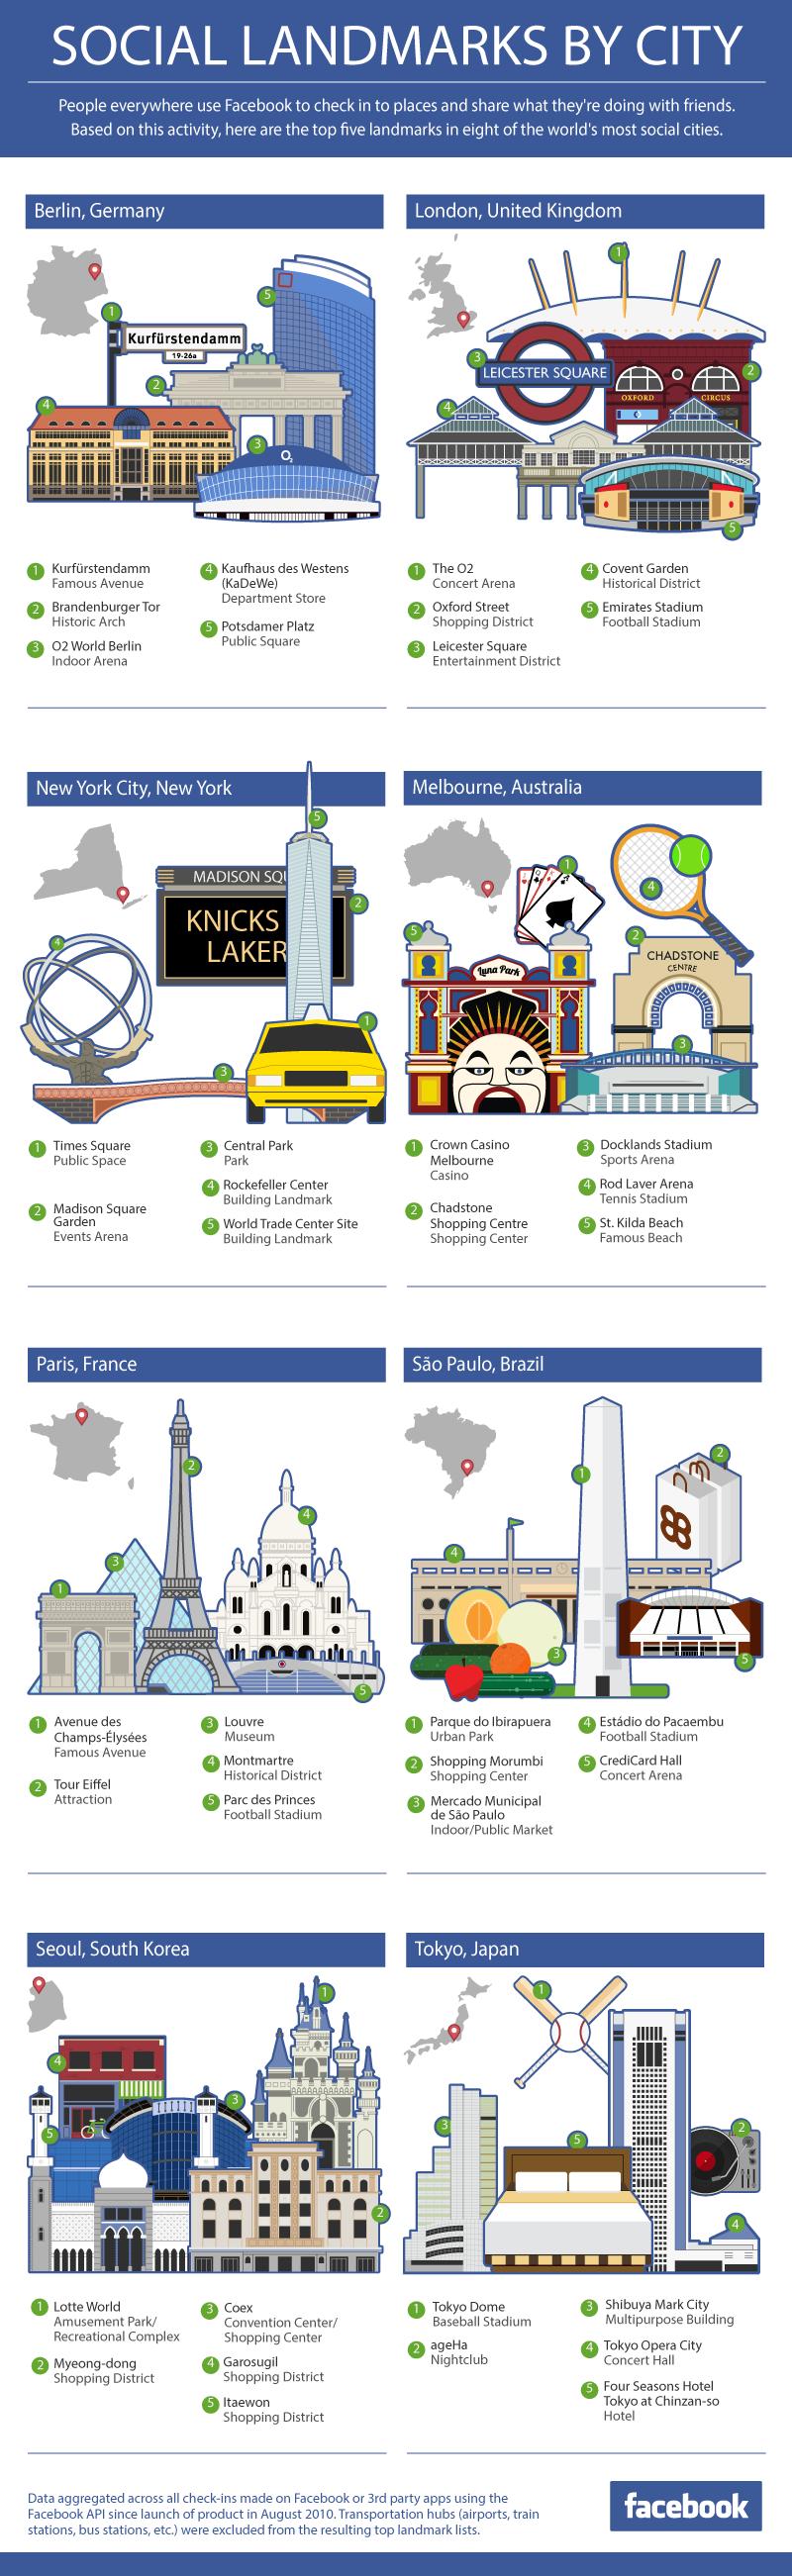 #Infografik beliebteste Orte und Wahrzeichen in Städten von Facebook-Nutzern